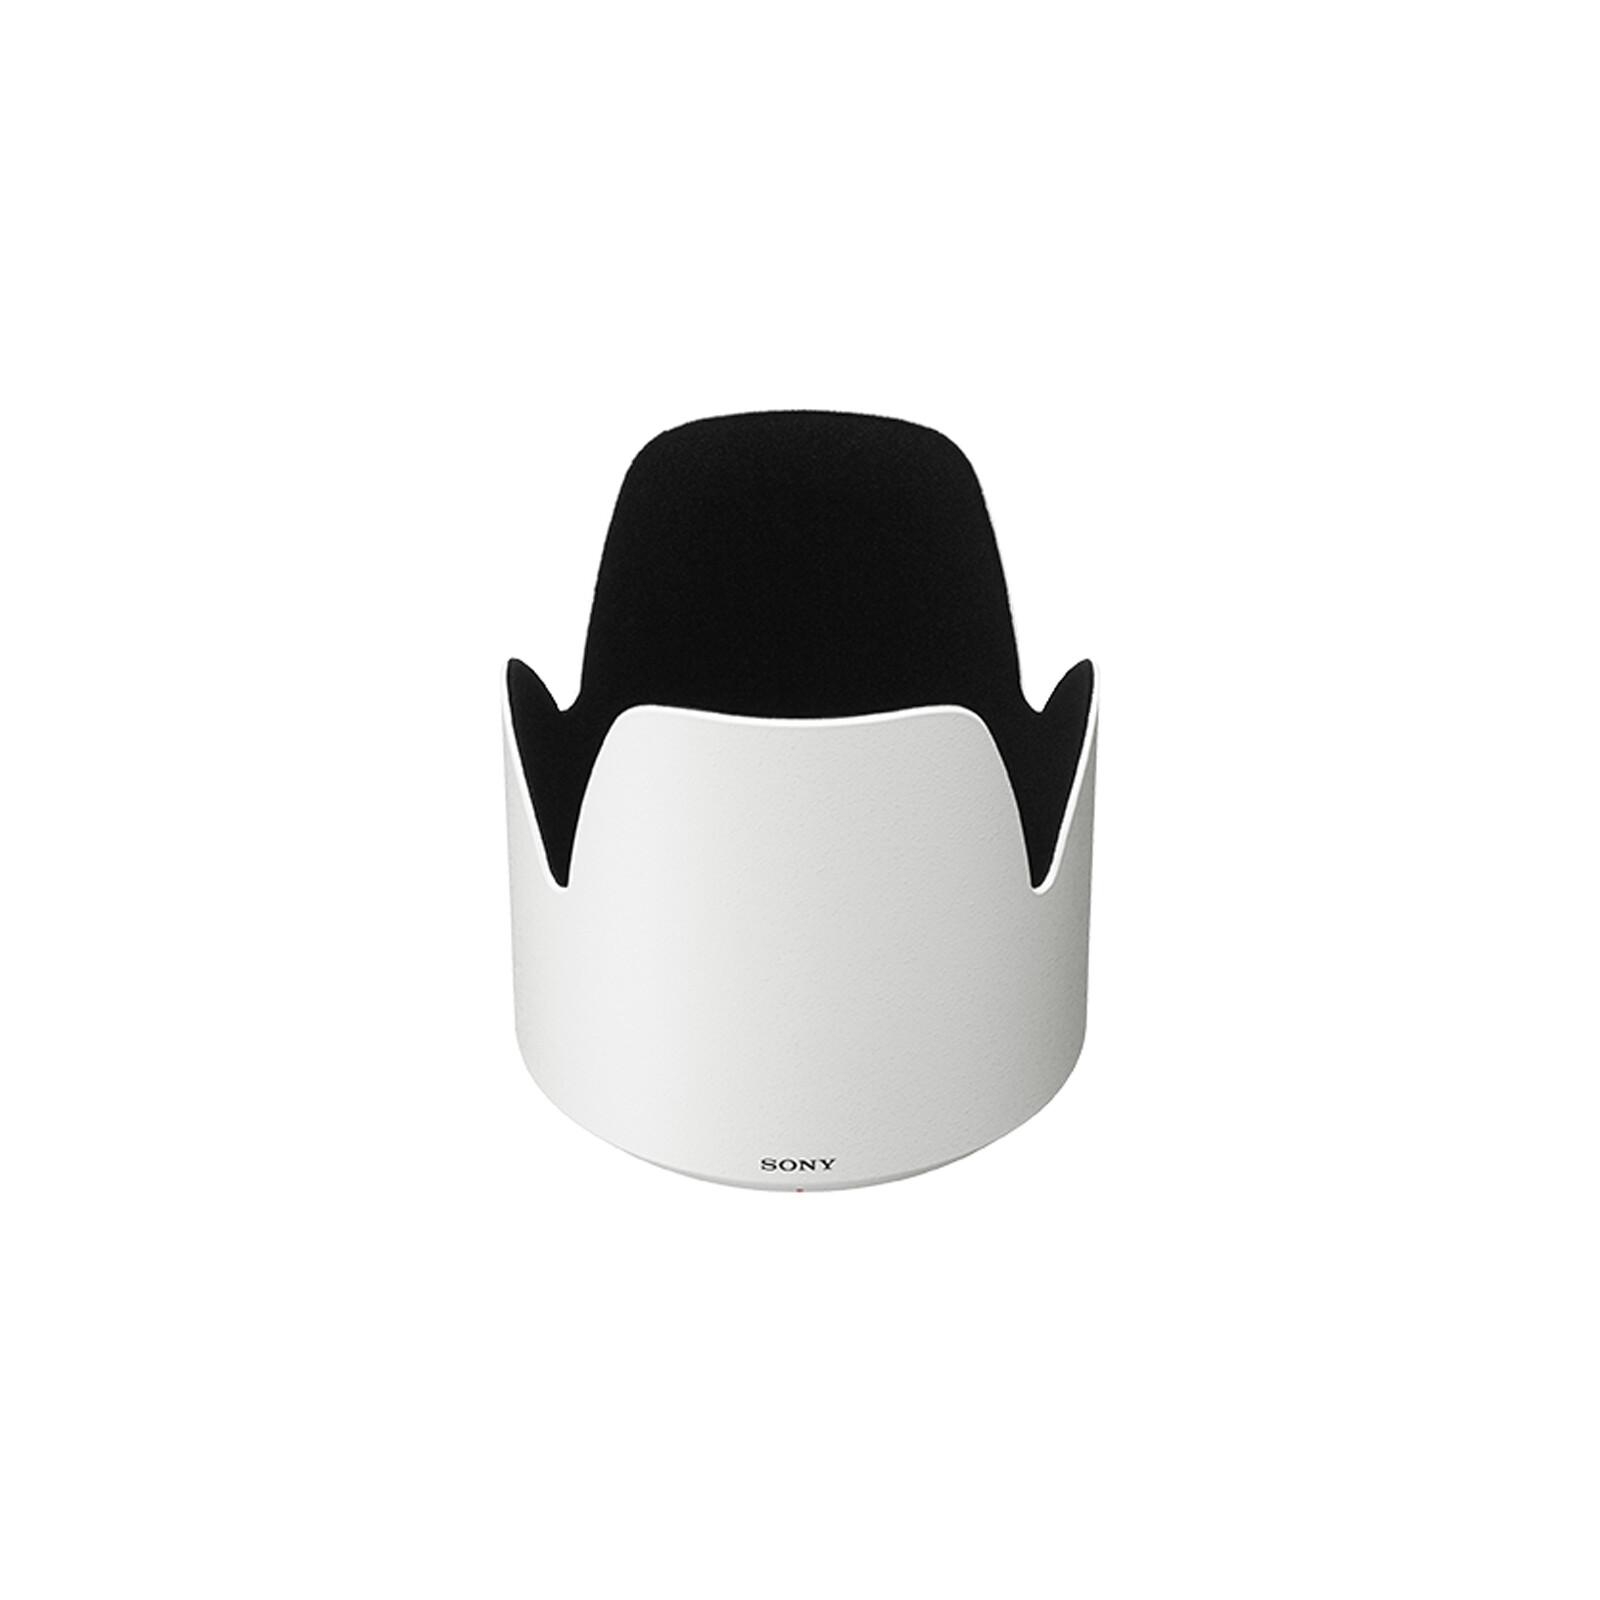 Sony ALC-SH121 Gegenlichtblende